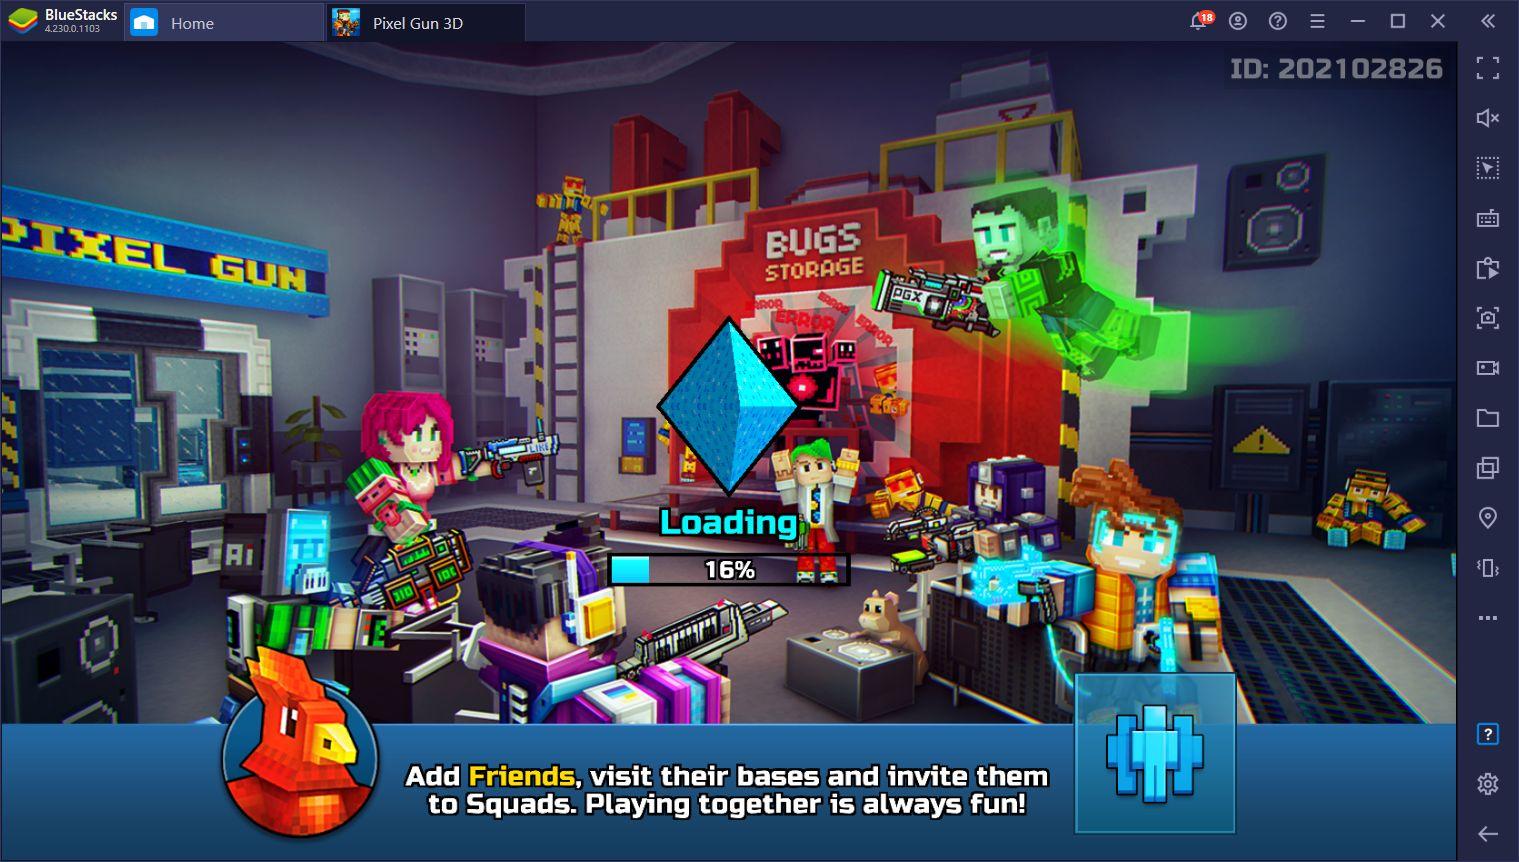 Pixel Gun 3D PC – Run n' Gun in This Shooter Game on PC With BlueStacks